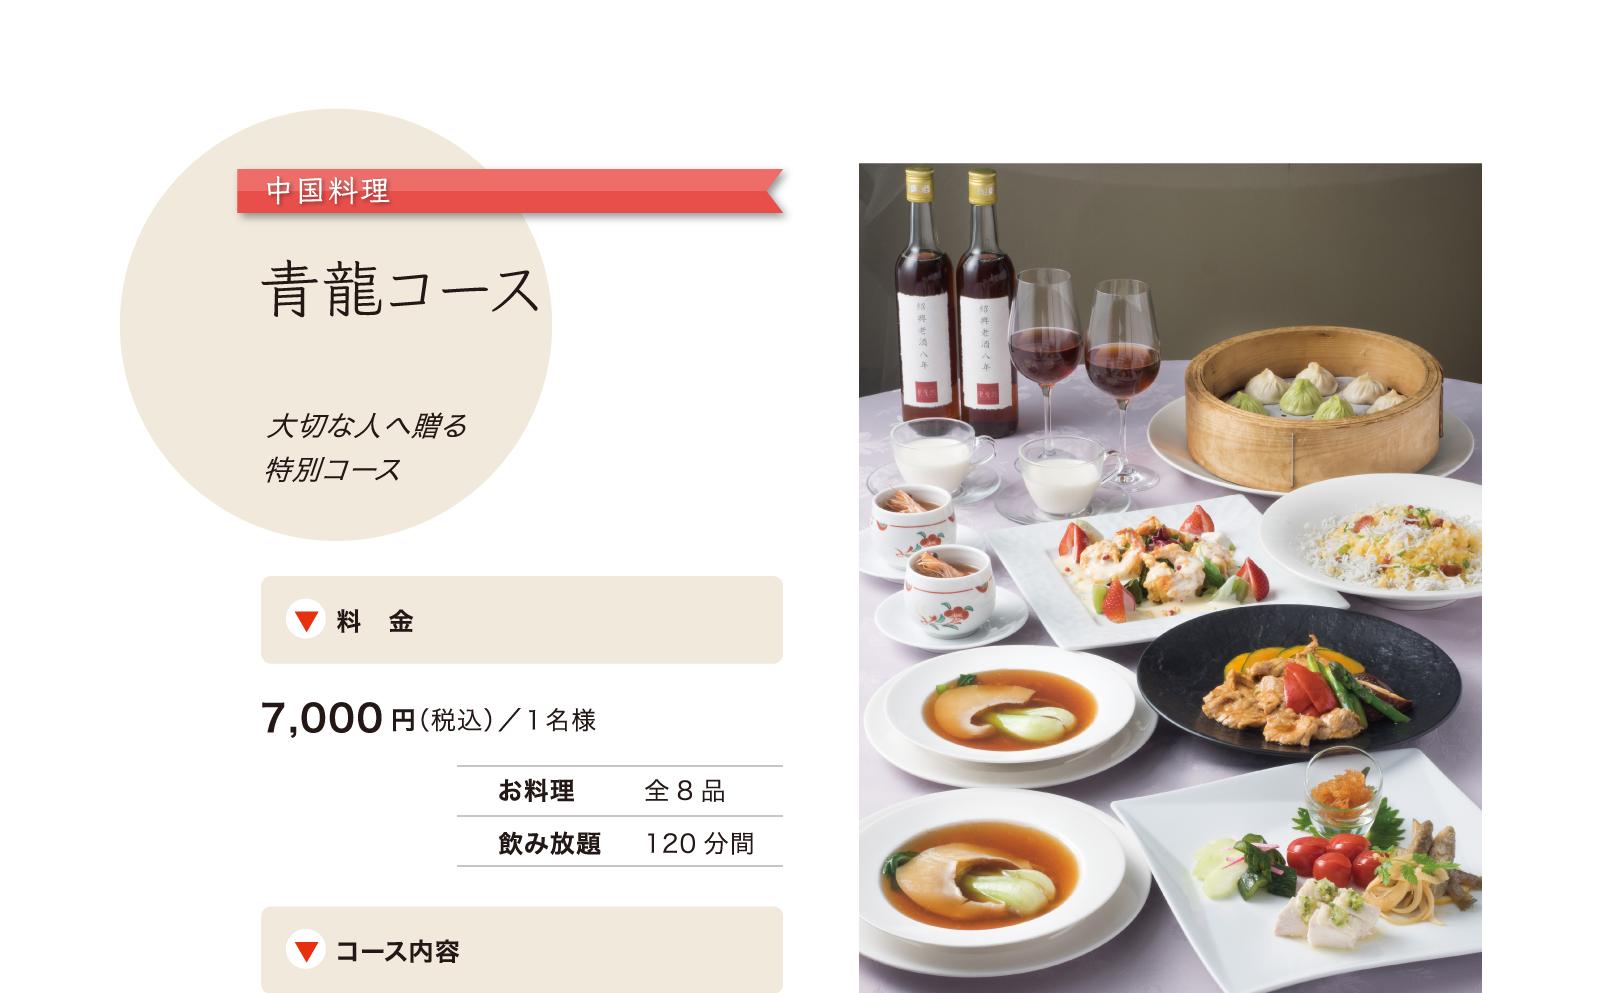 青龍コース/お一人様あたり7000円(税込)